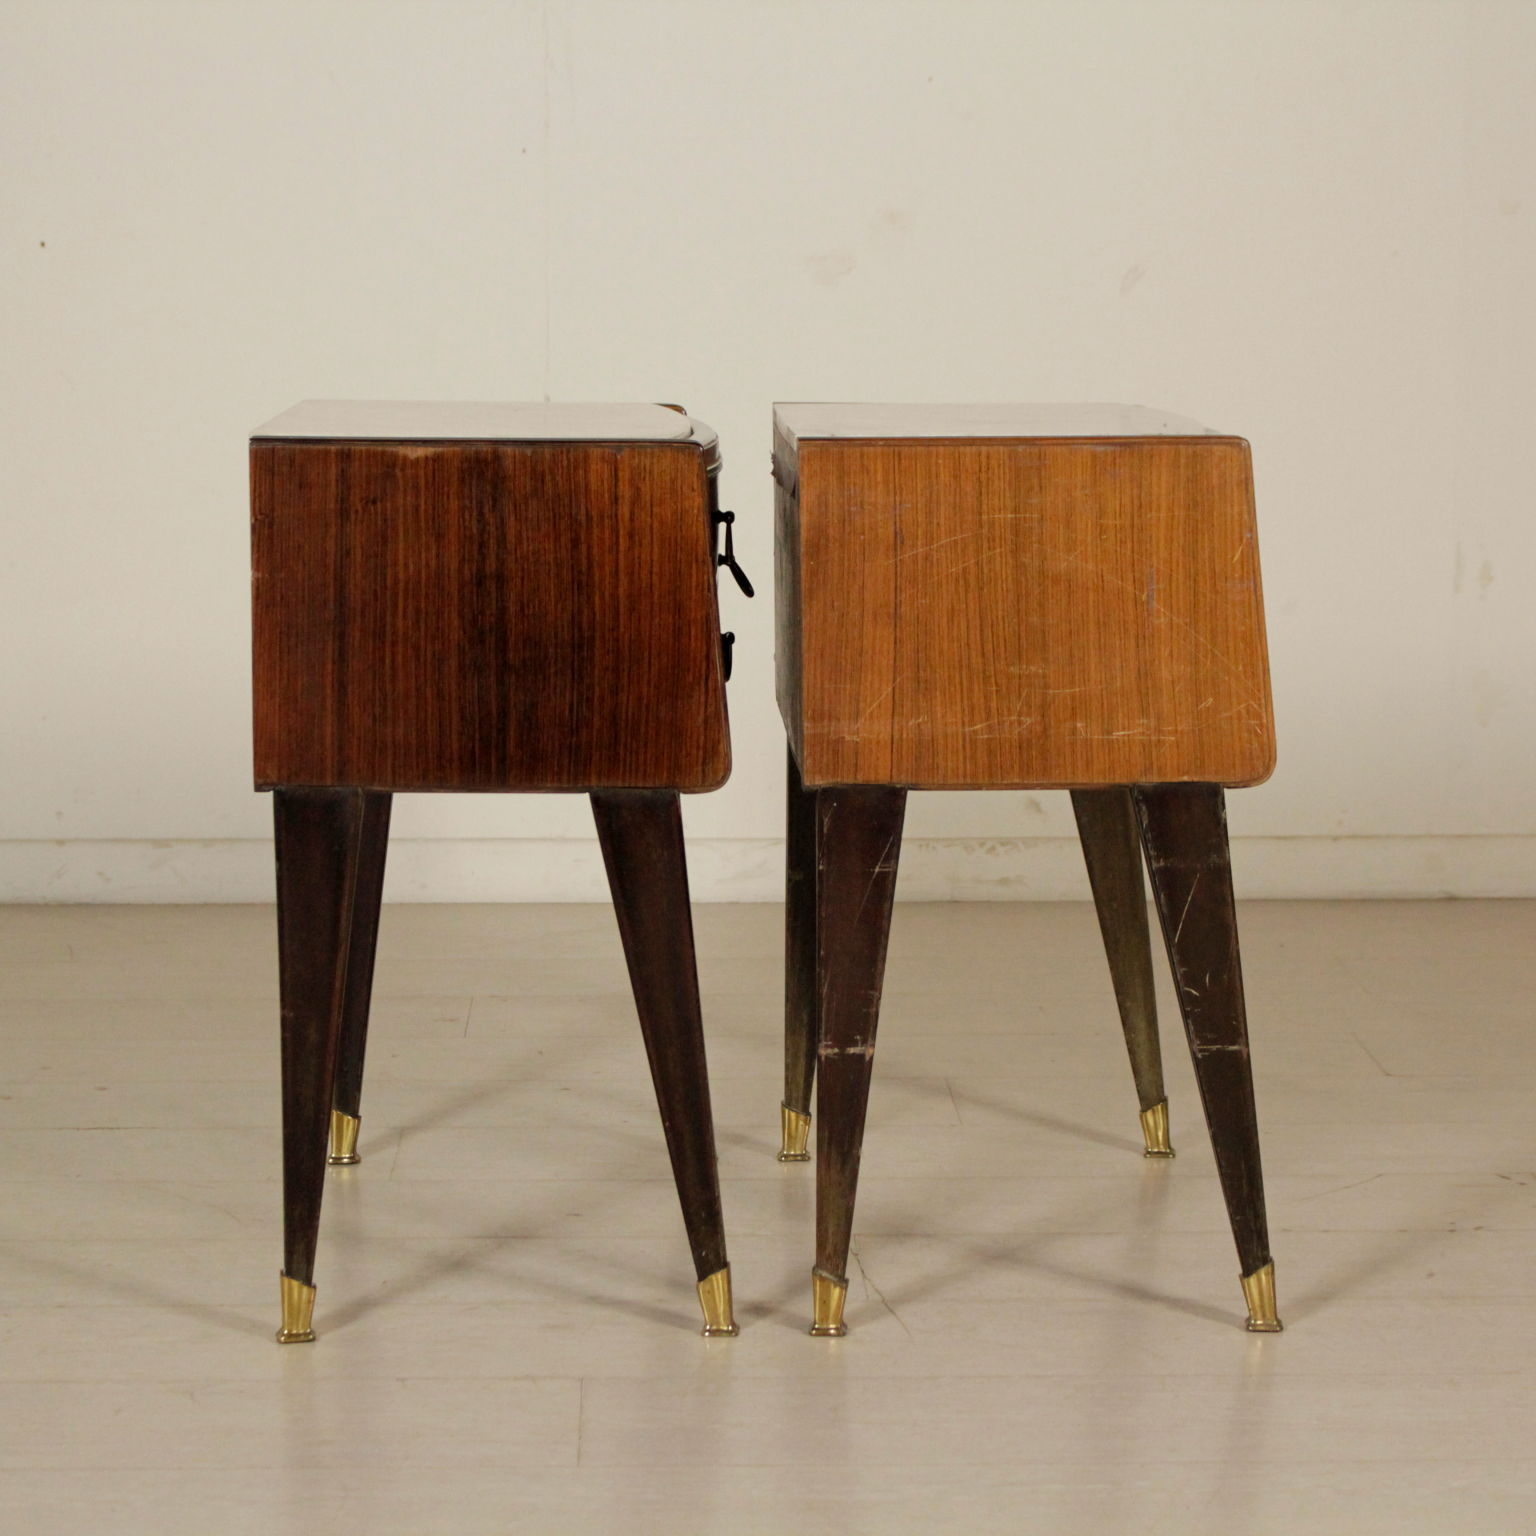 Las Mesitas De Noche En Los Años 50-60 - Muebles - Diseño moderno ...